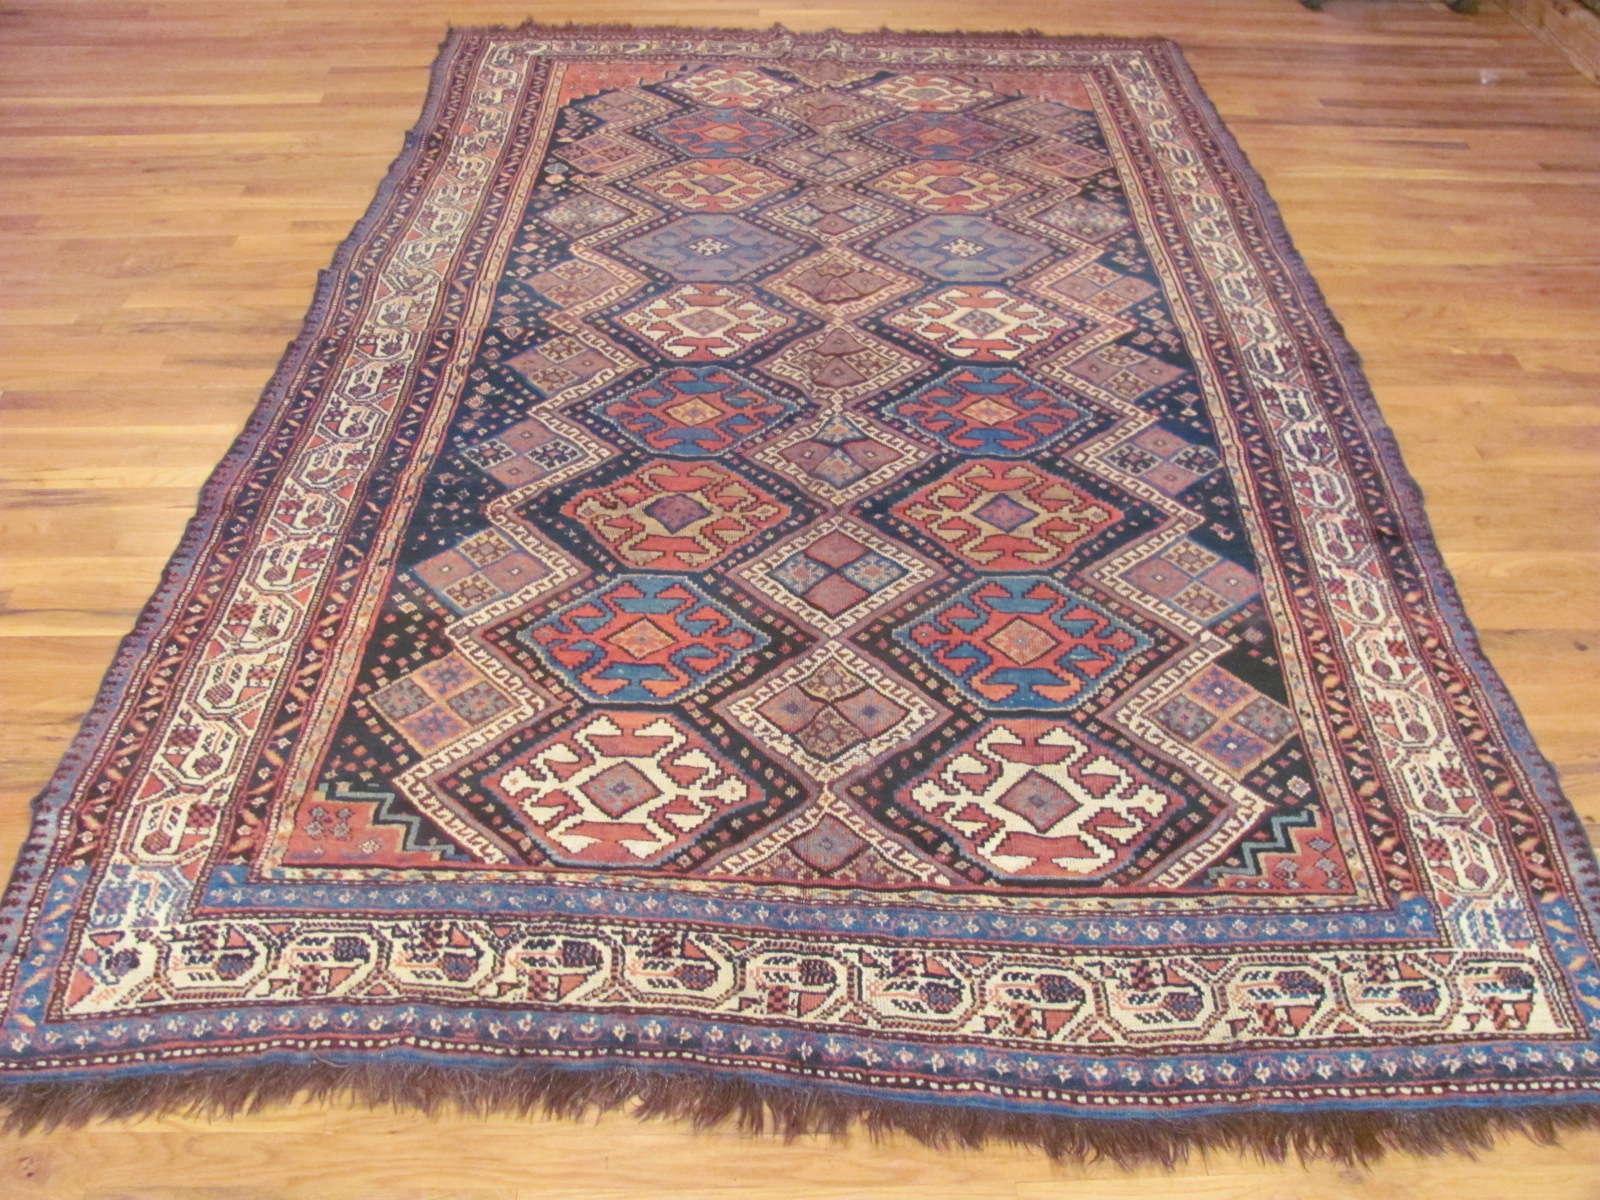 Luri Rug | Persia | Handmade, Antique Circa 1910